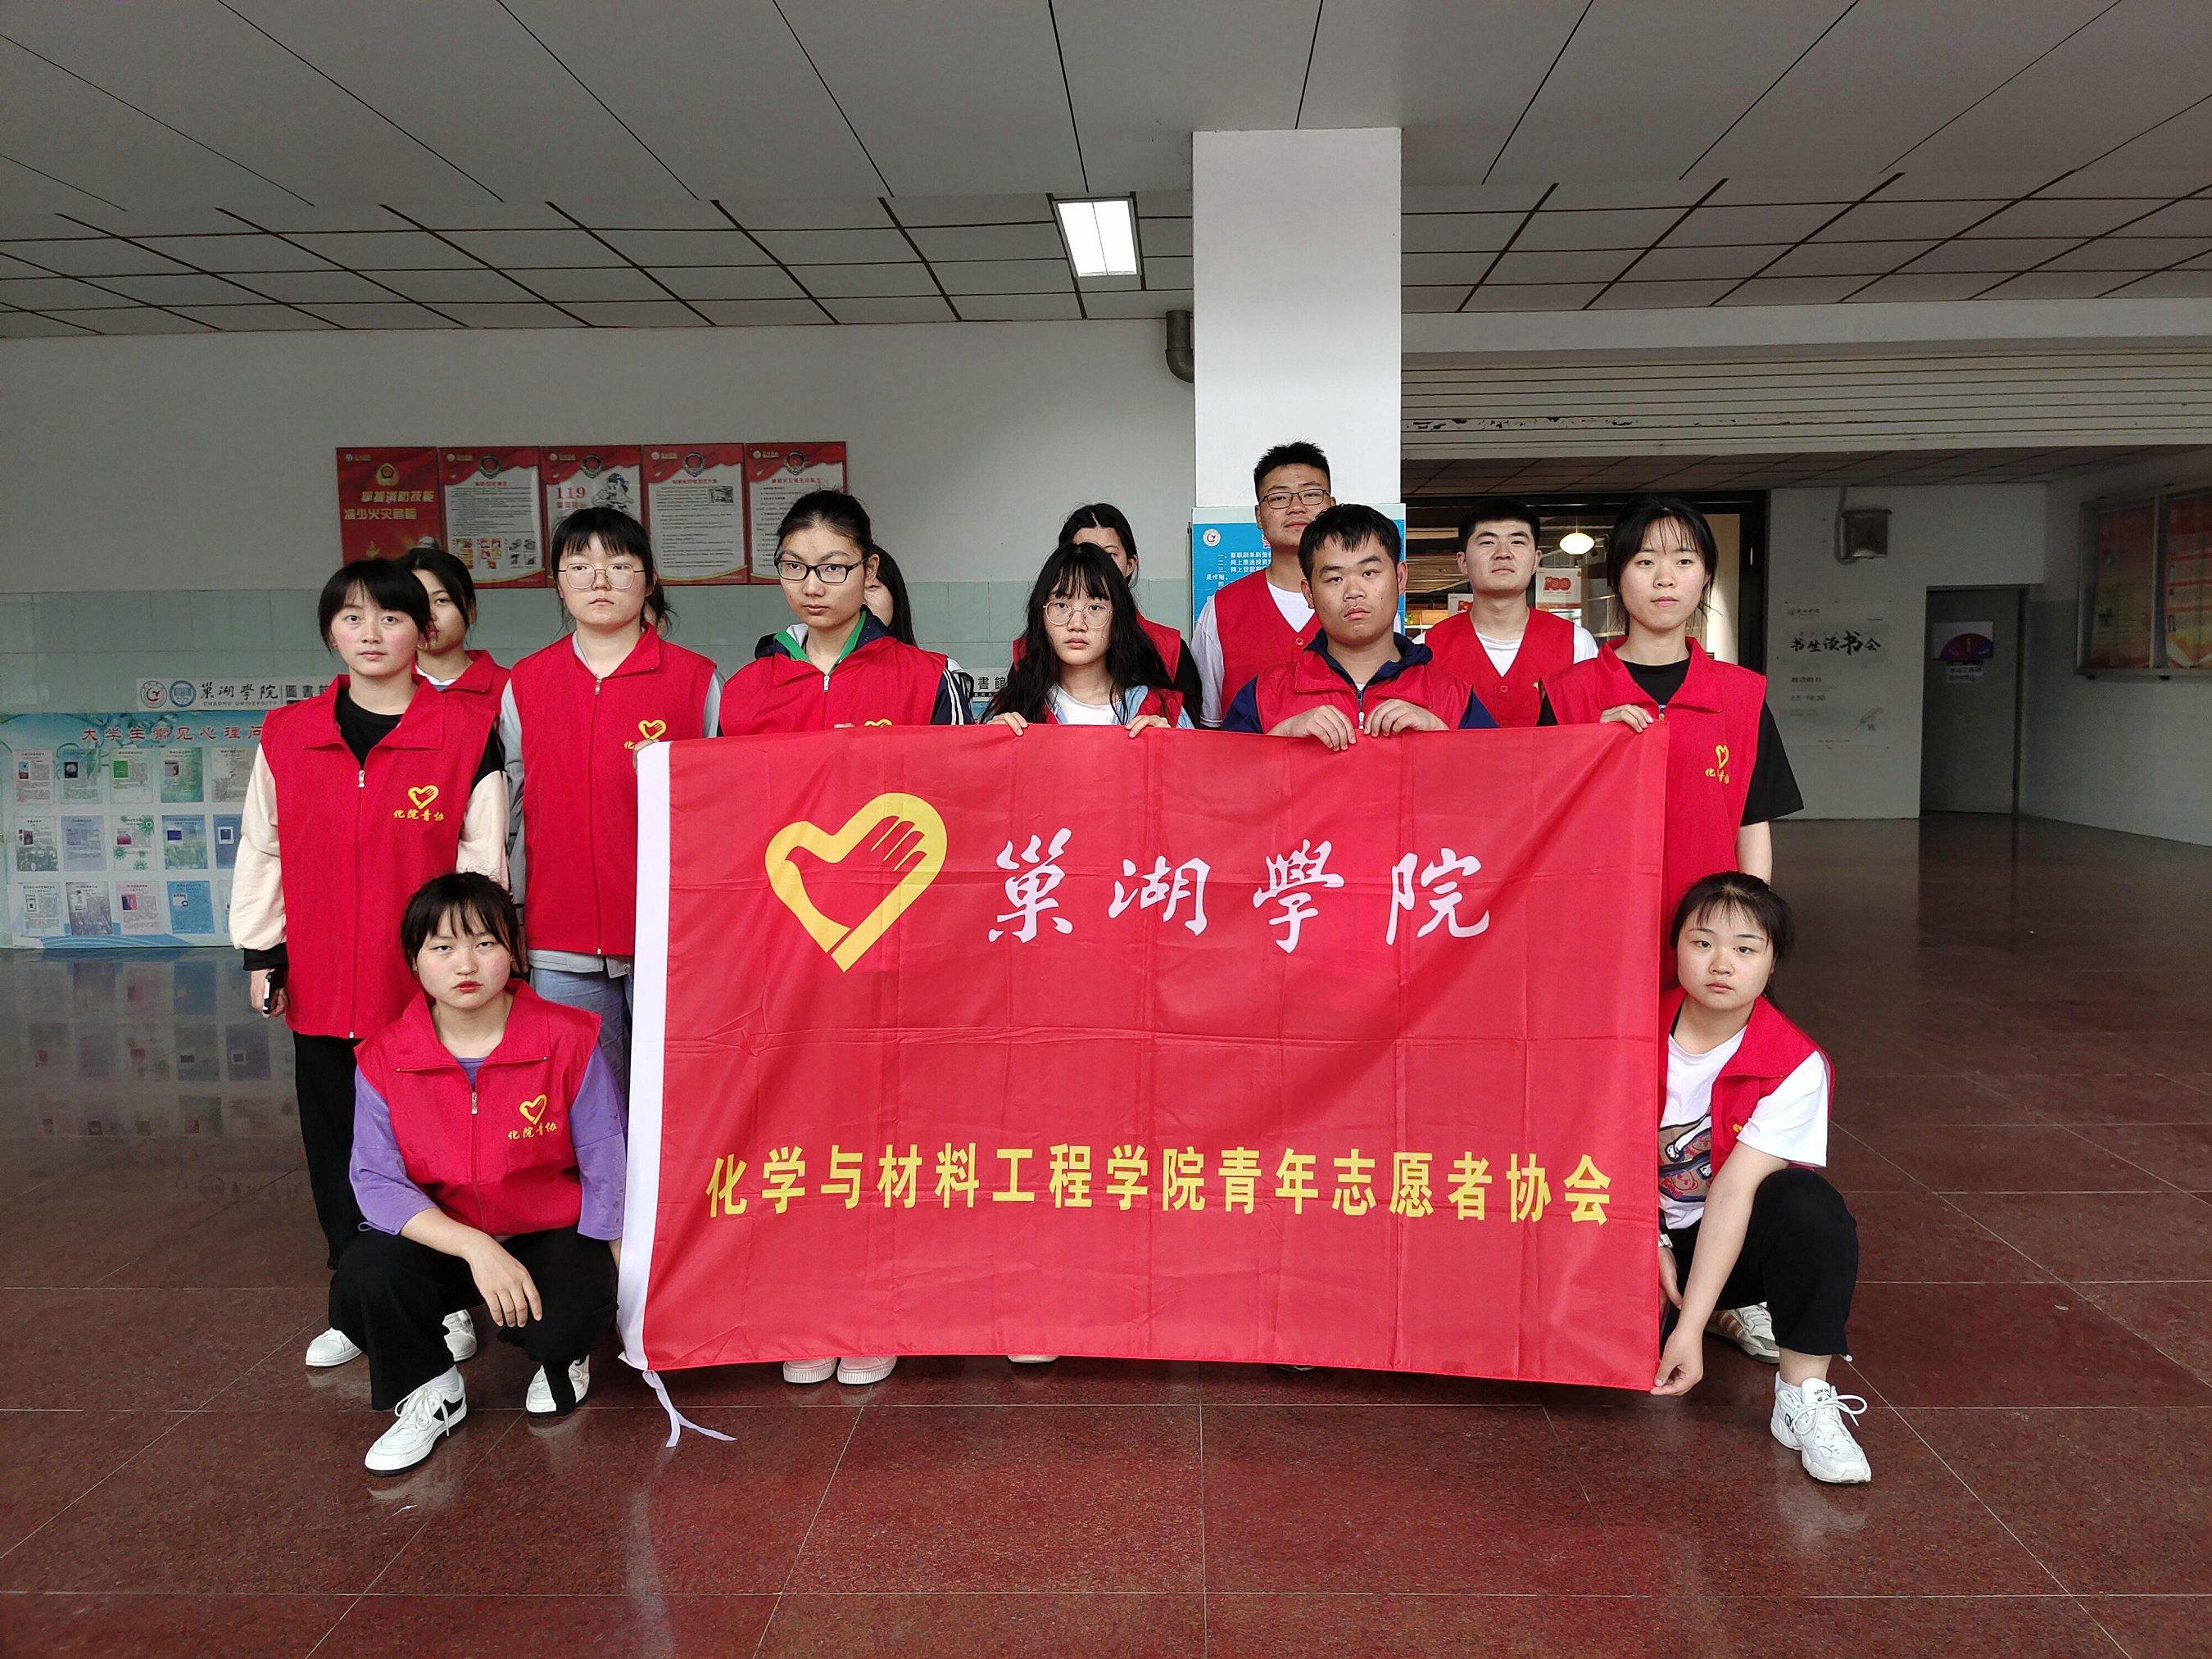 化学与材料工程学院青年志愿者协会于博学楼开展受资育人清扫活动